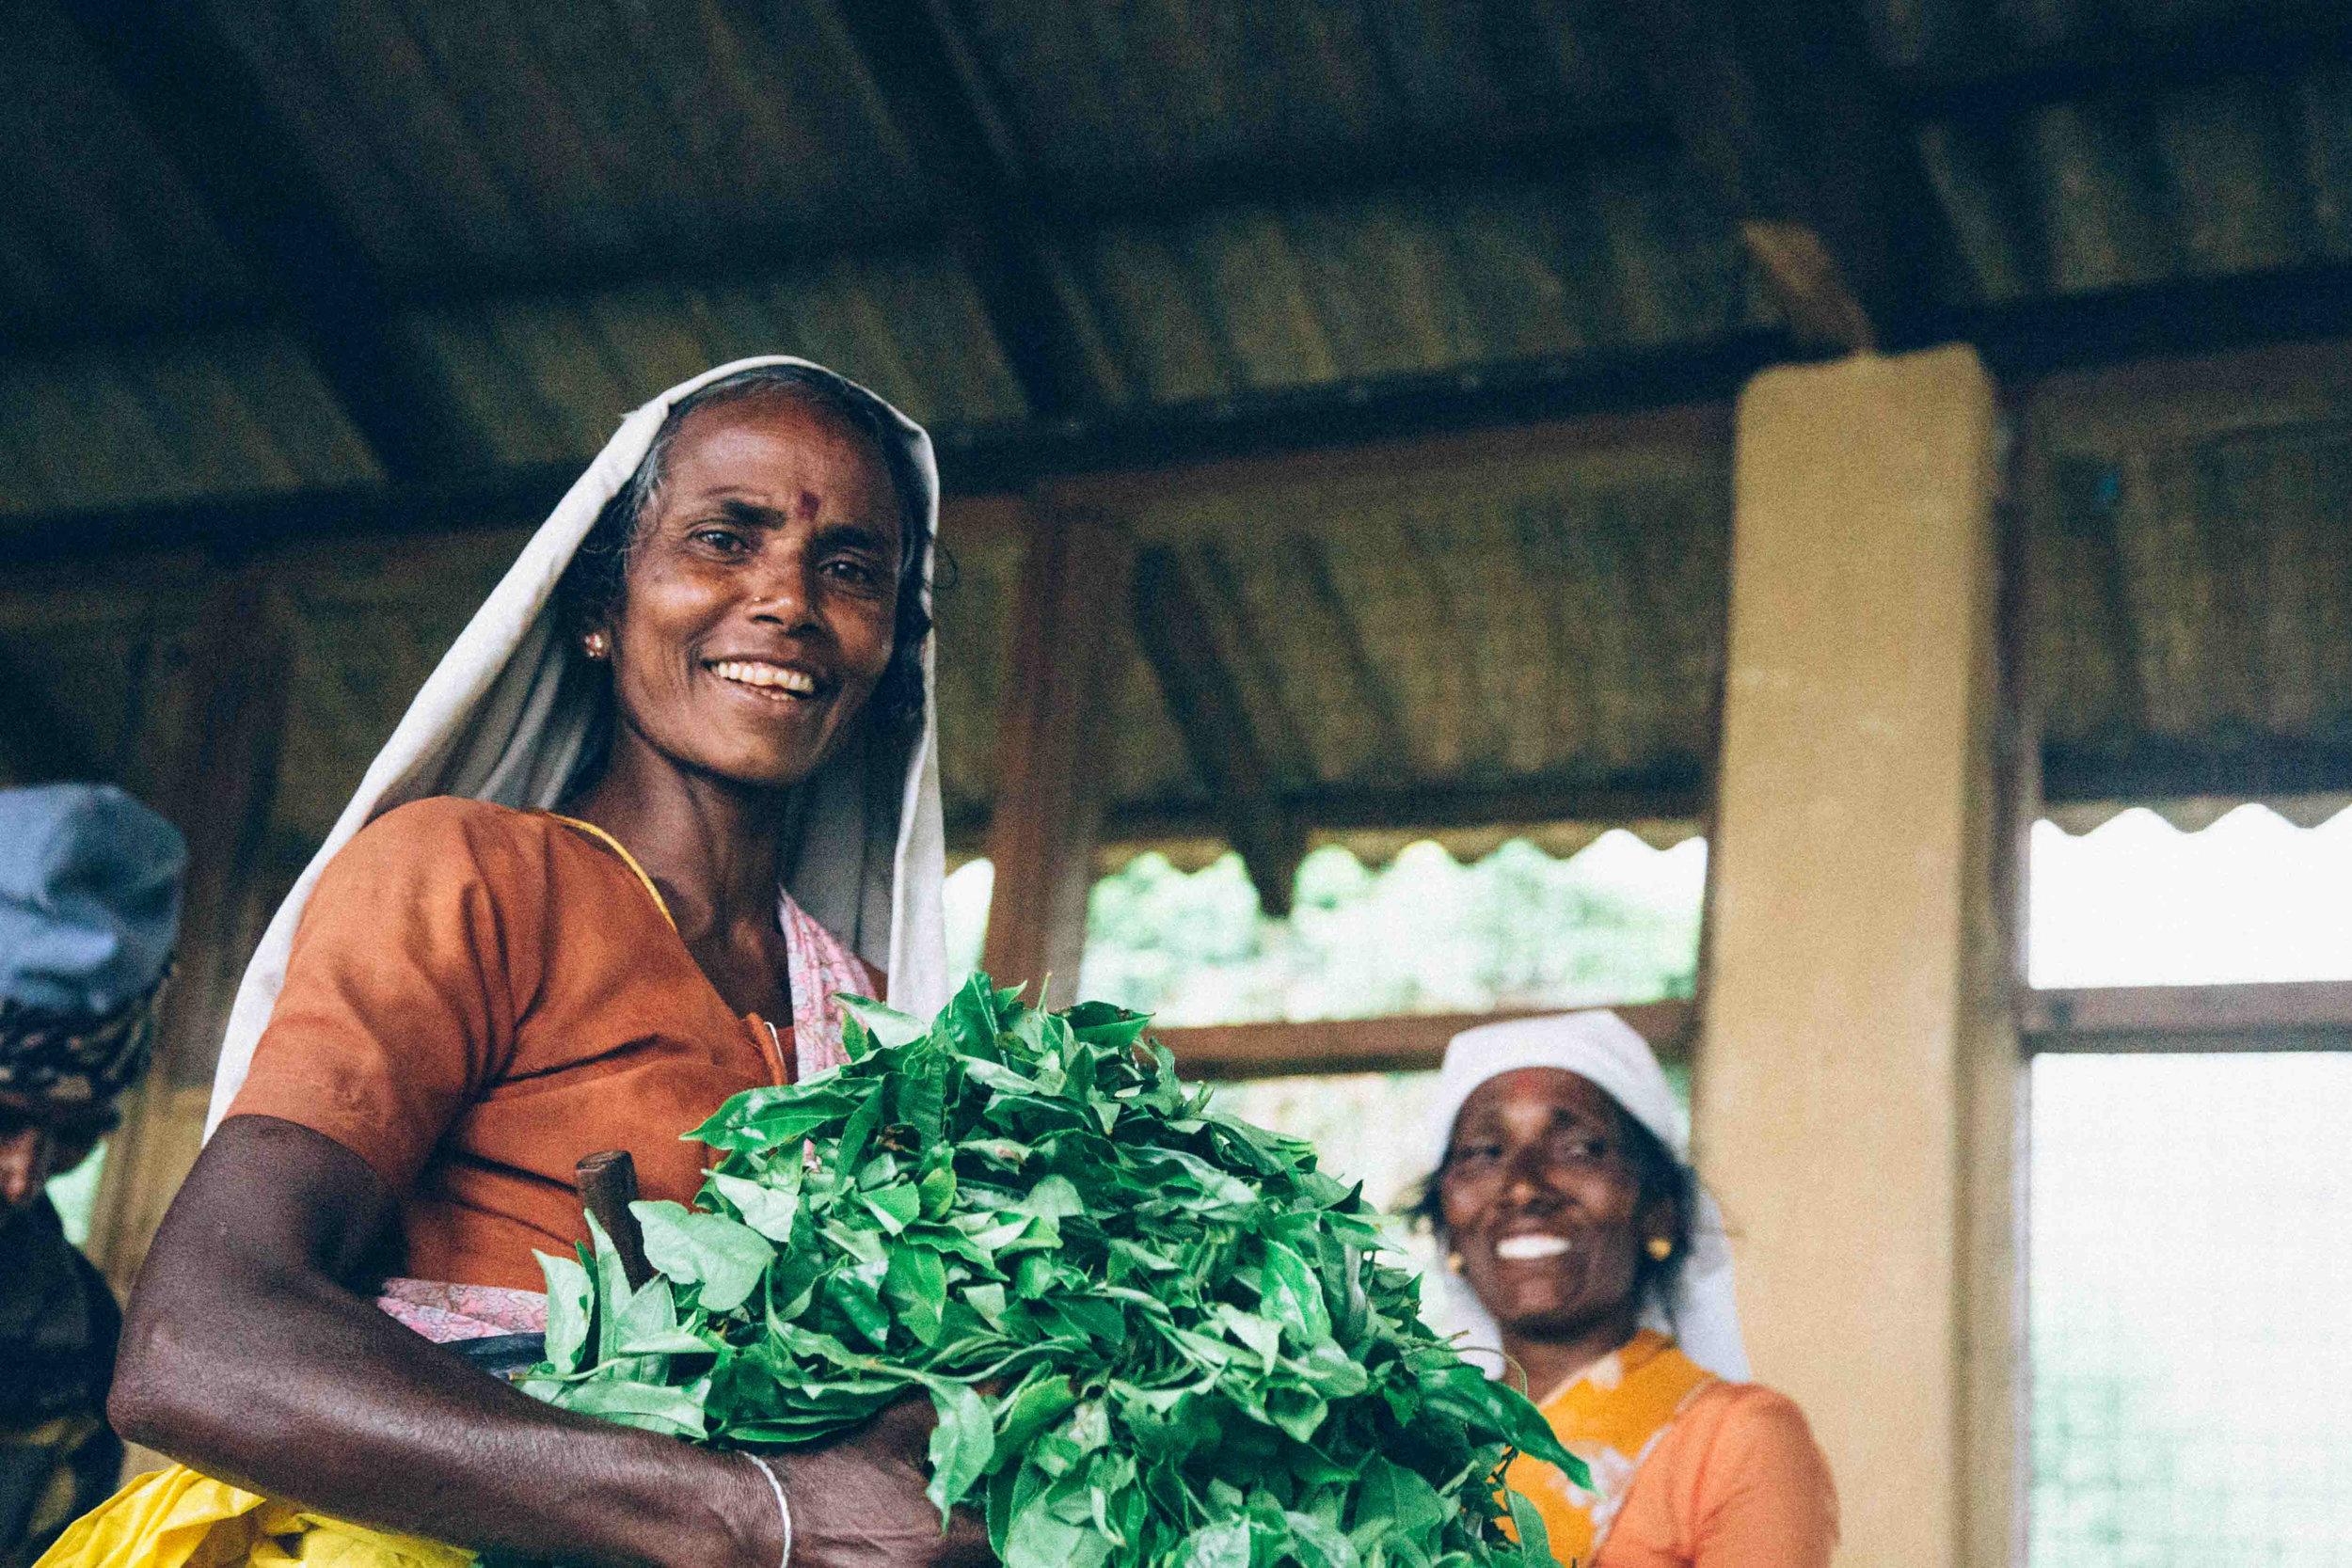 Sri-Lanka-Tea-2-Zach-Ashton.jpg